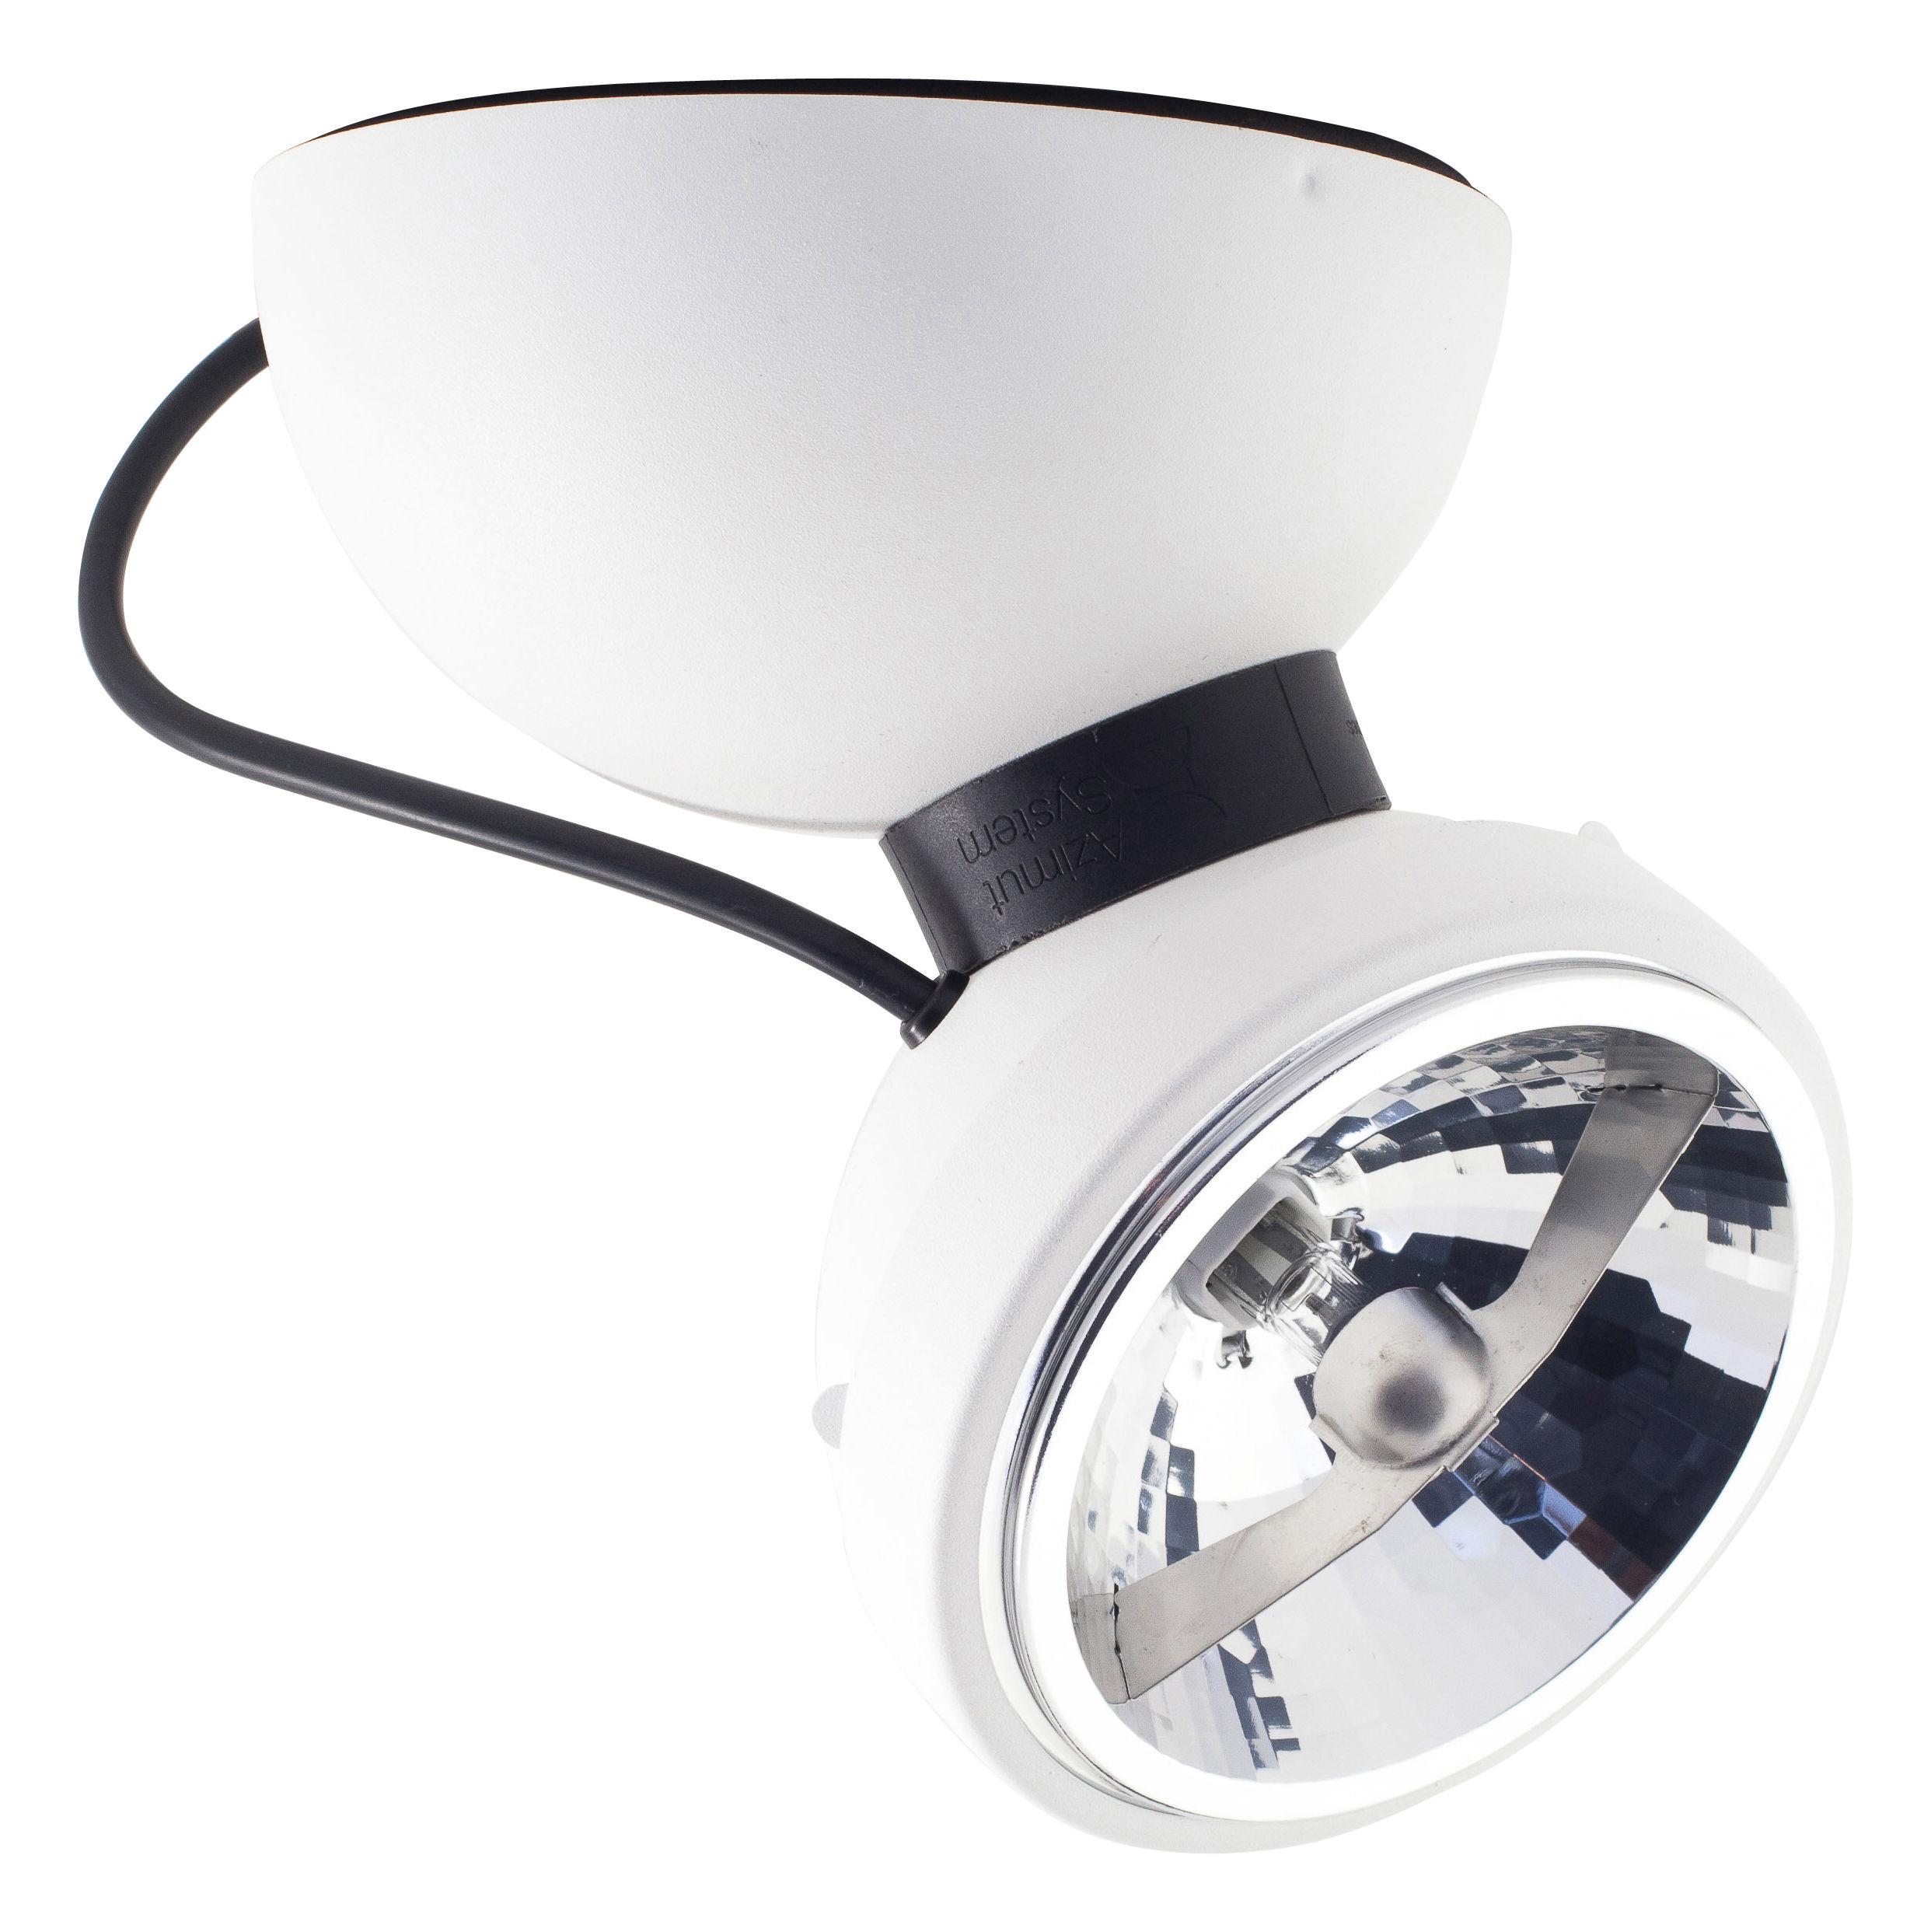 Leuchten - Wandleuchten - Monopro 360° Wandleuchte Deckenleuchte - Azimut Industries - Weiß - lackiertes Metall